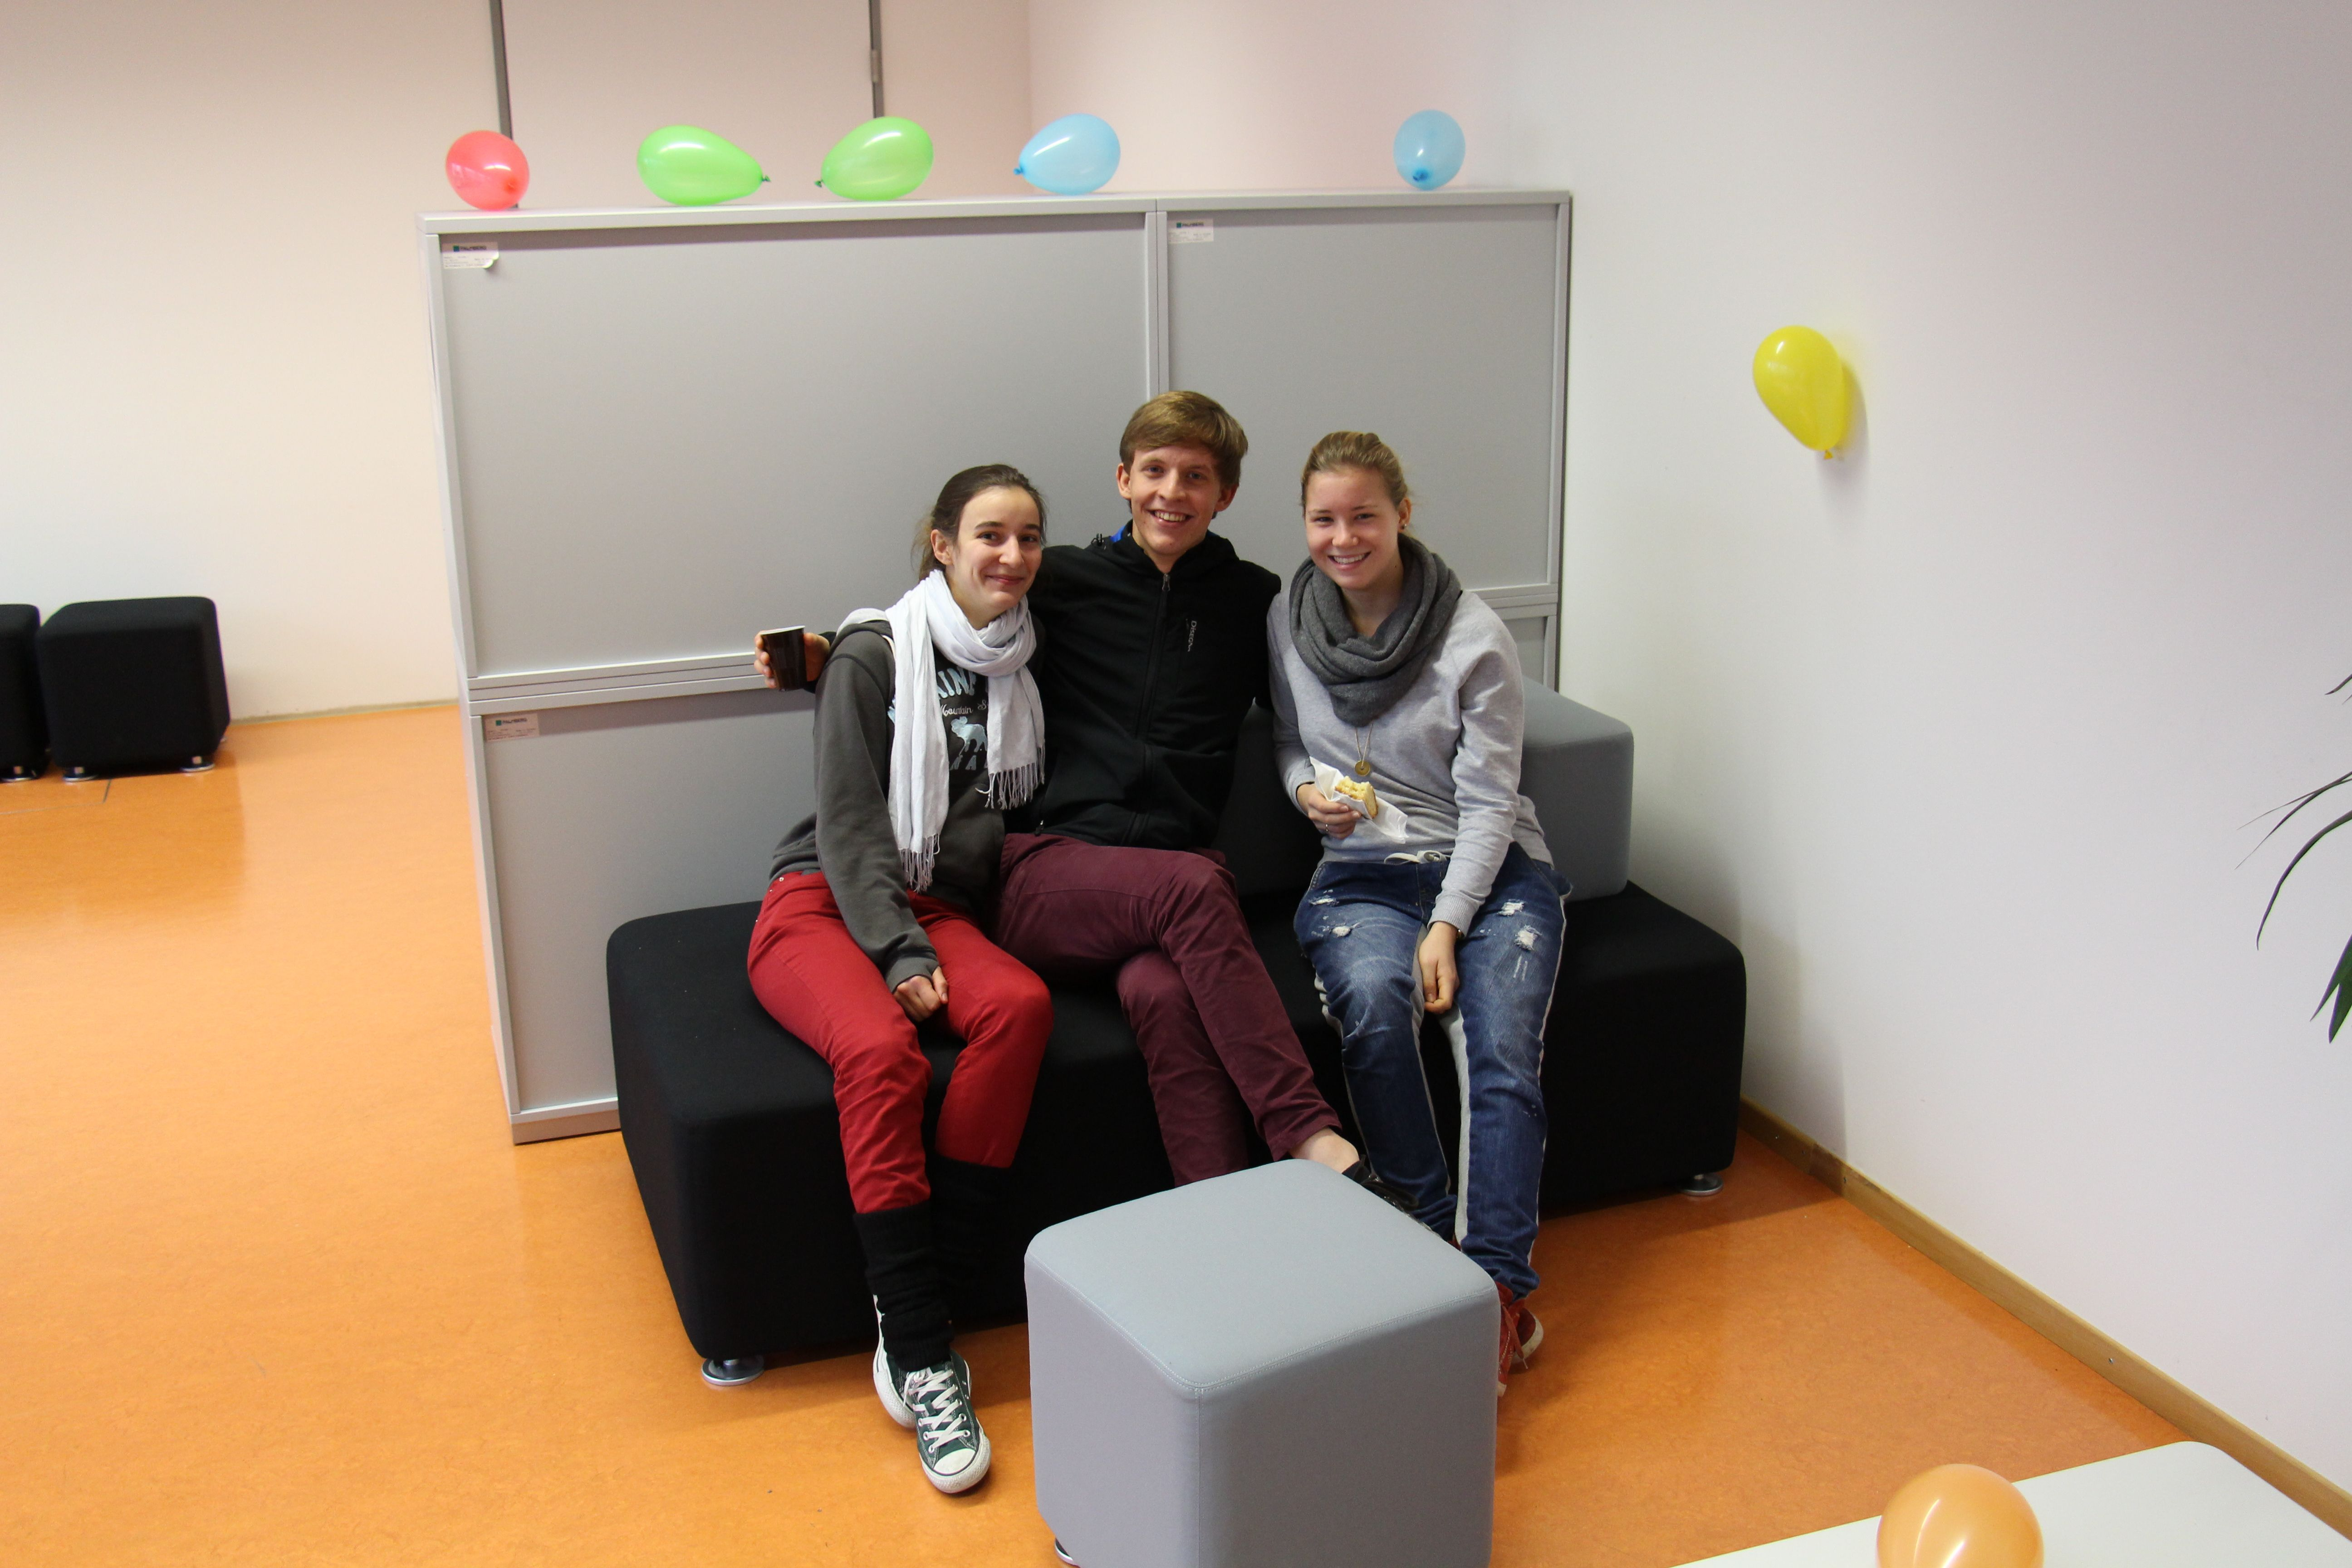 Drei auf dem Sofa im Chillraum